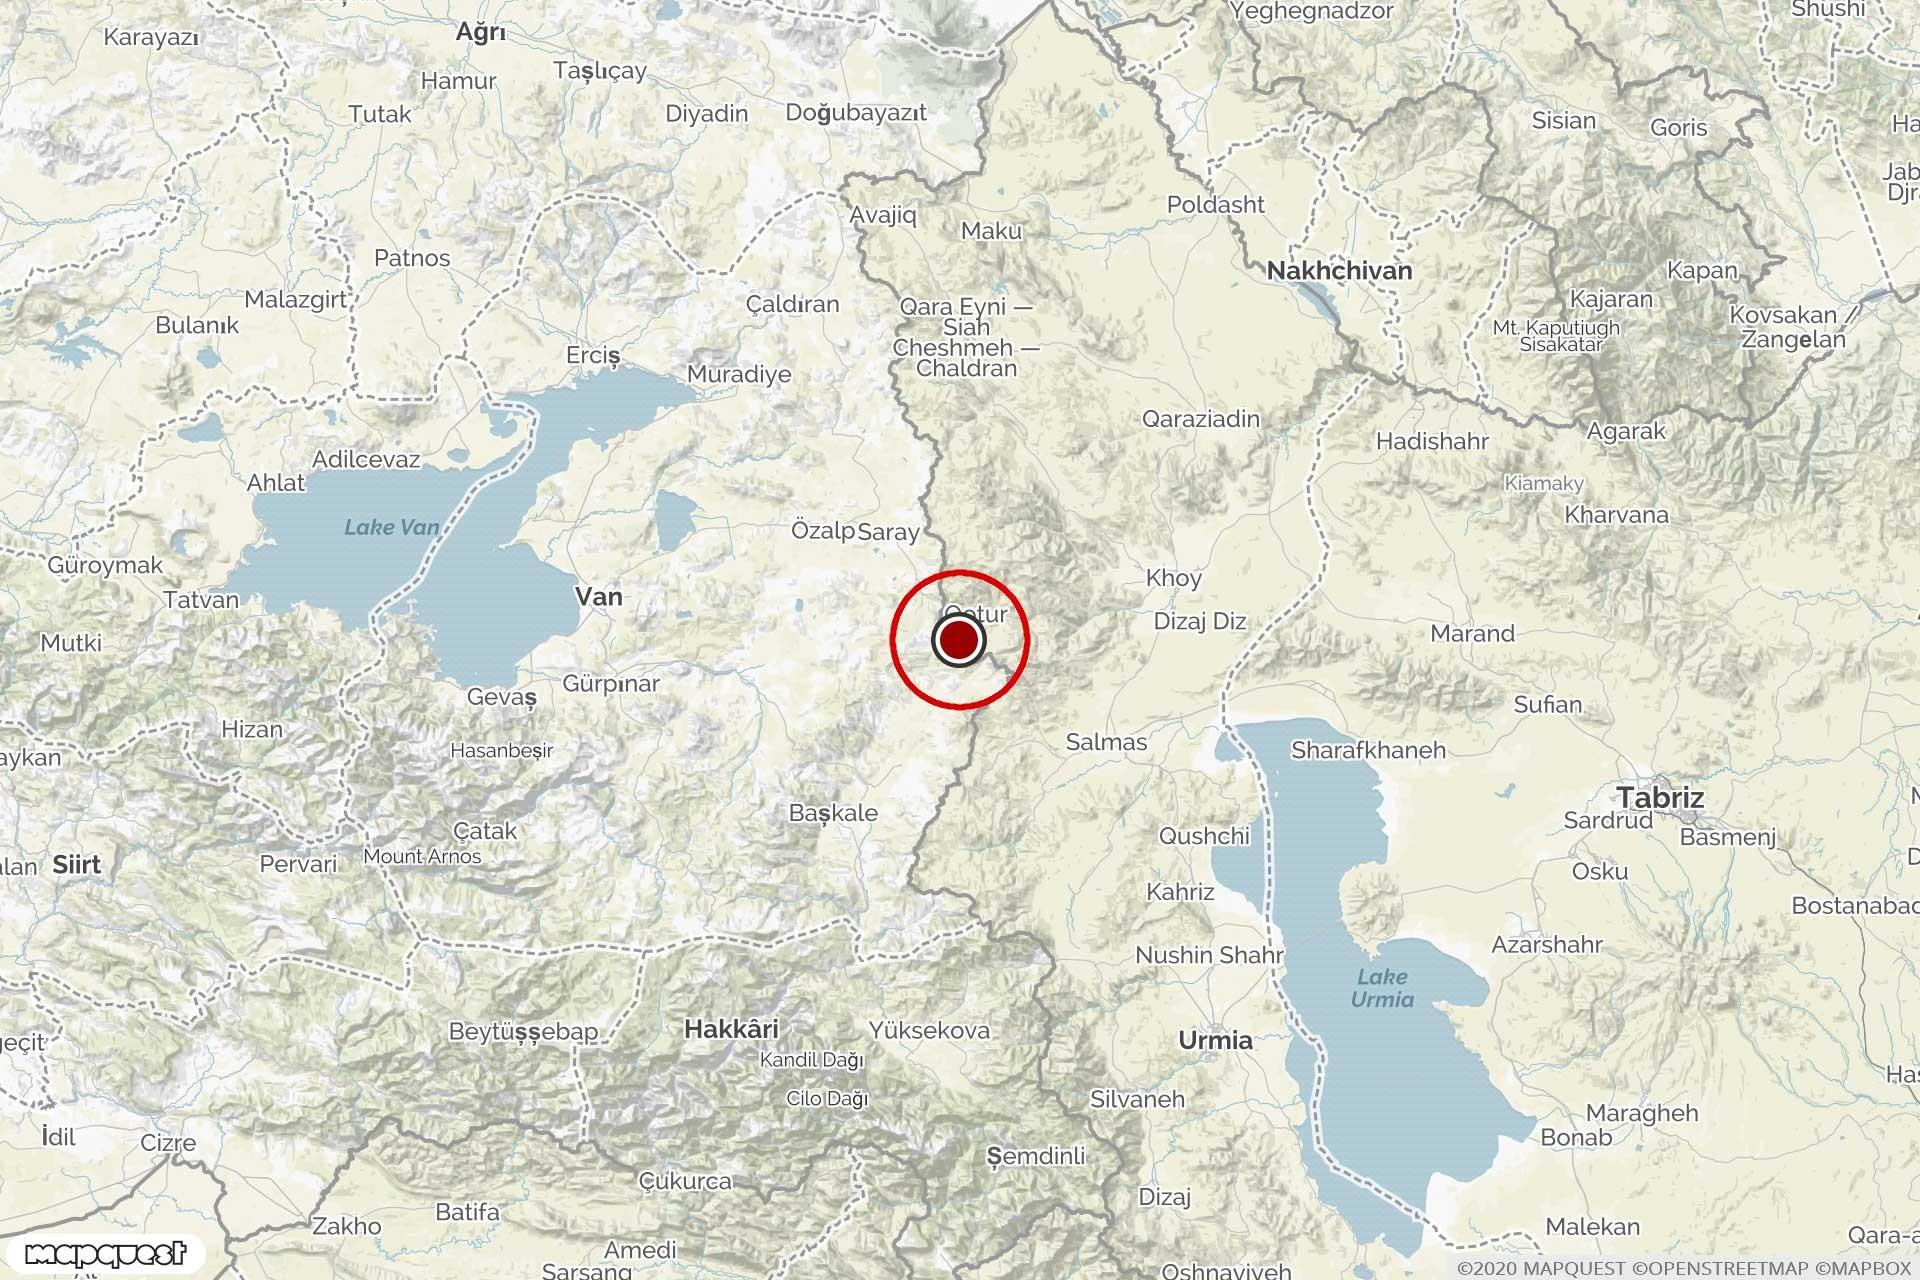 Van'da 16 Şubat'ta meydana gelen 4.6 büyüklüğündeki depremin merkezi